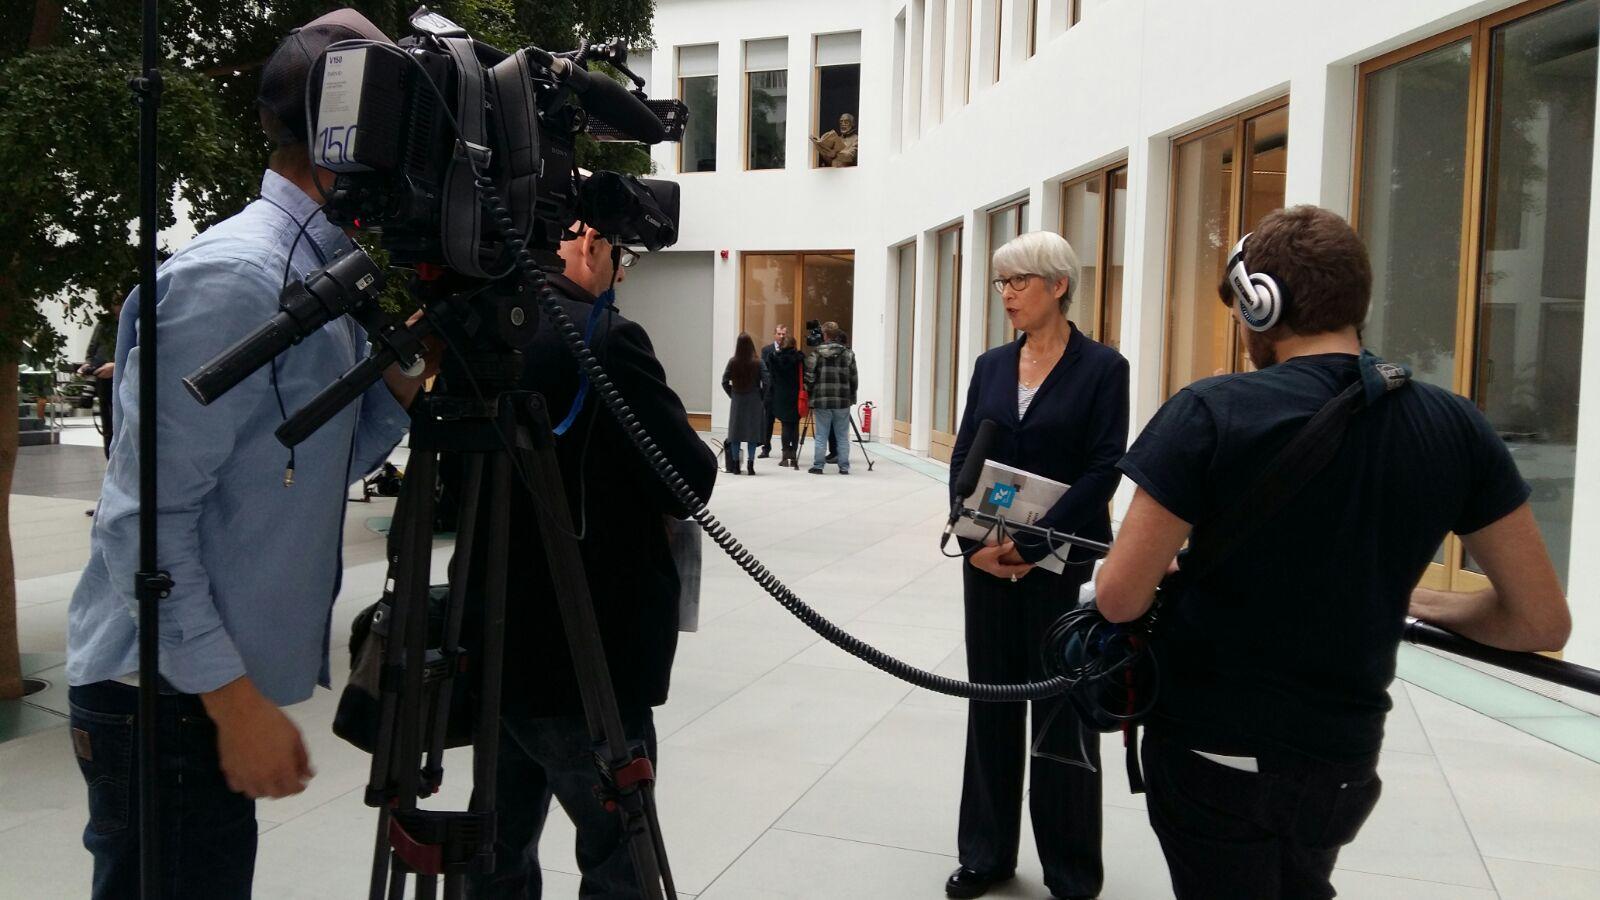 Gudrun Ahlers beim Interview auf der Pressekonferenz in Berlin.